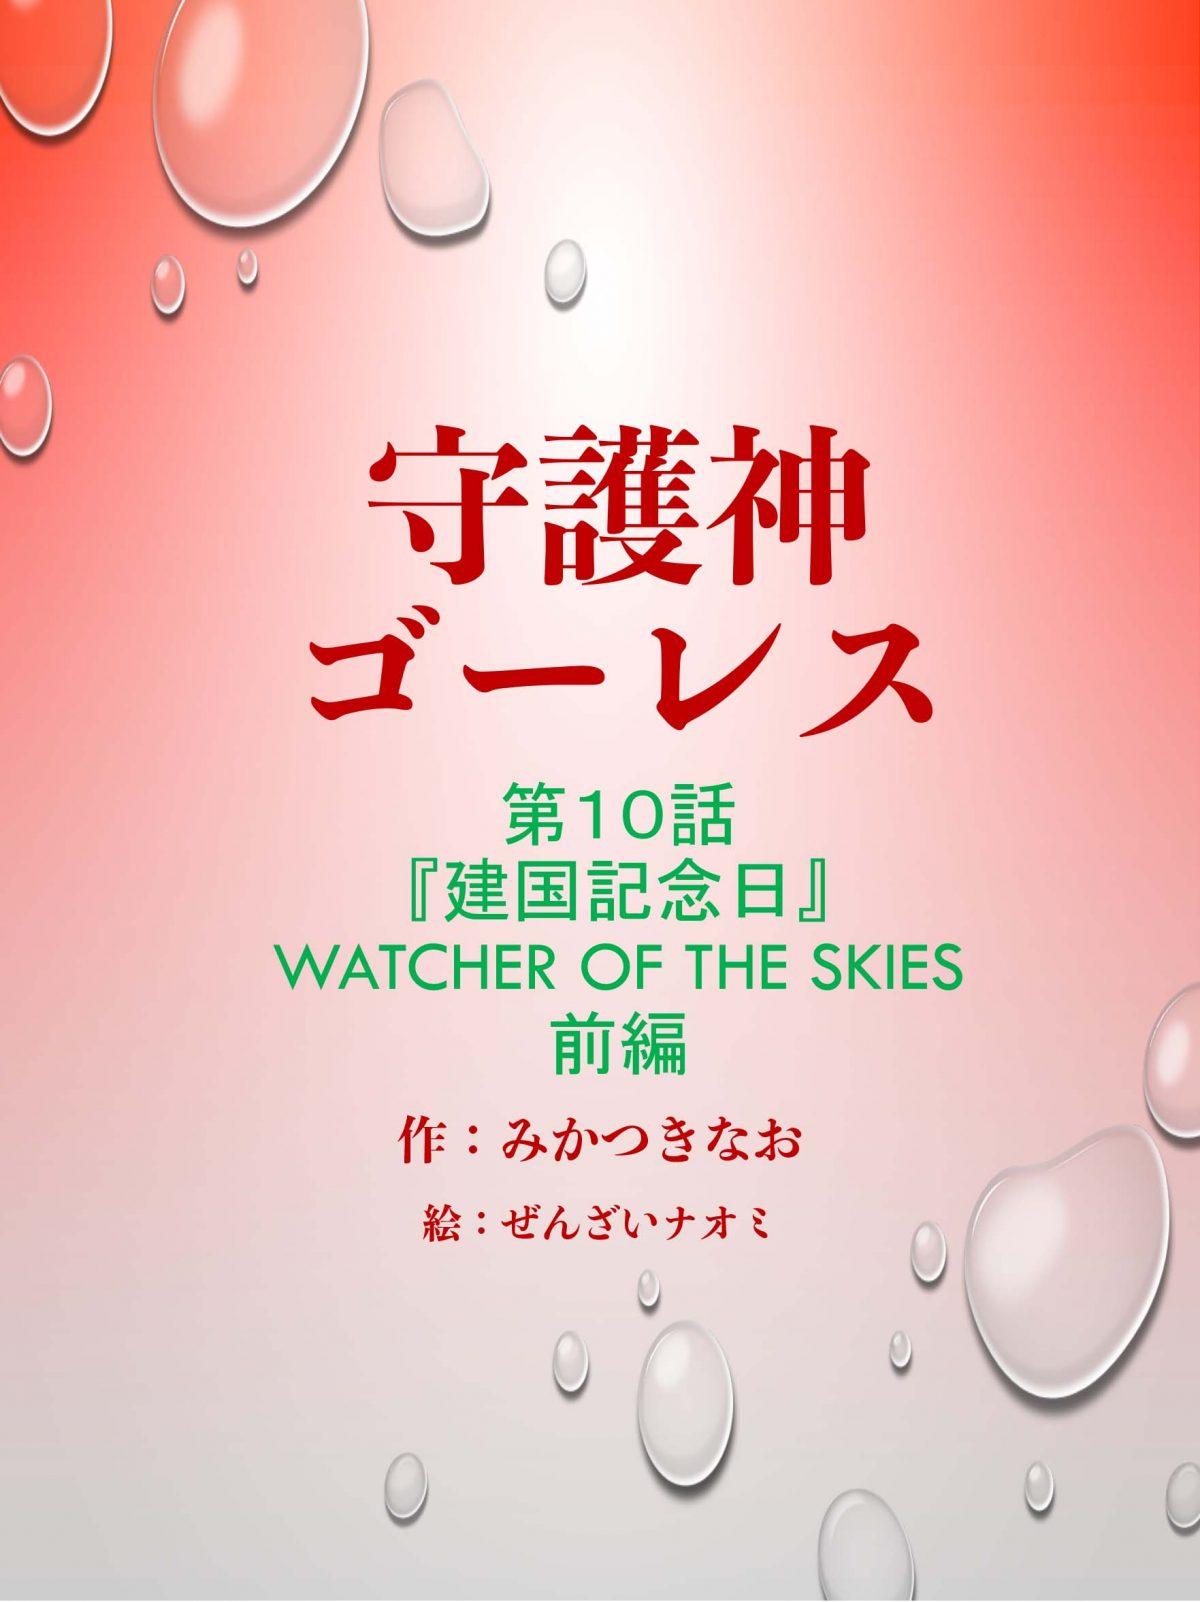 守護神ゴーレス第10話 『建国記念日』 Watcher of the skies 前編 イラスト追加